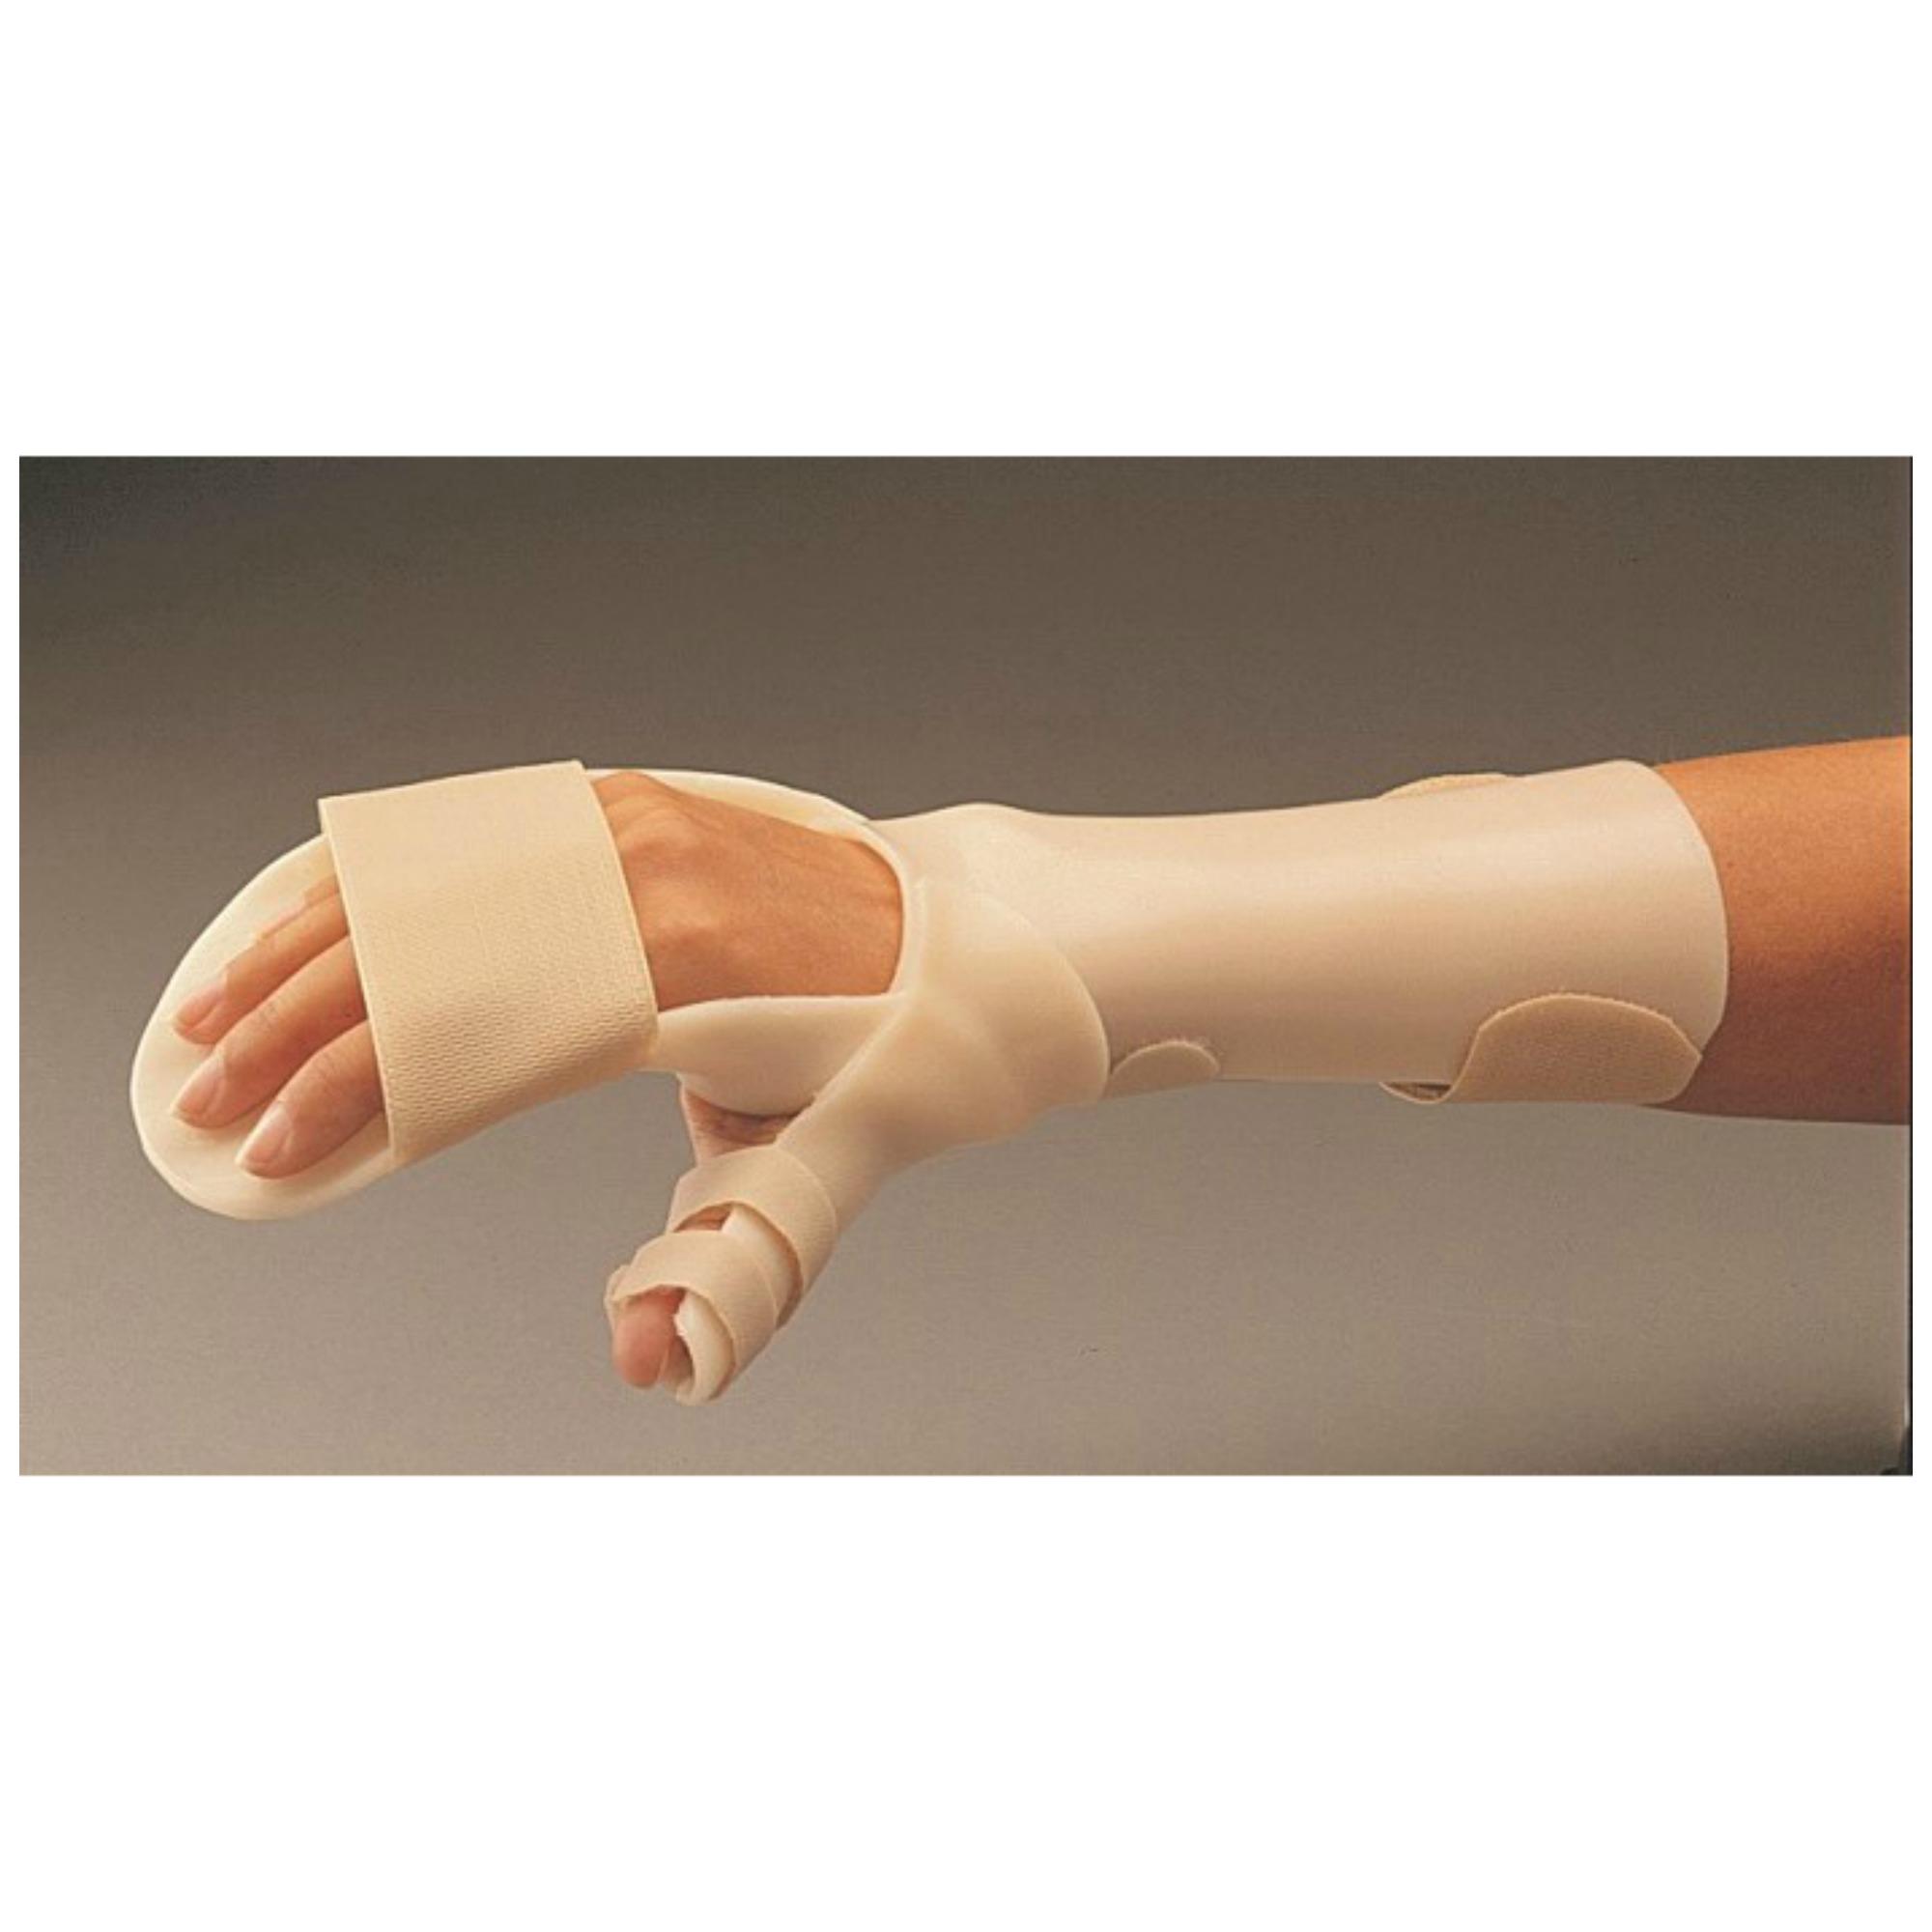 artritisz artrózis kezelésére szolgáló készülékek